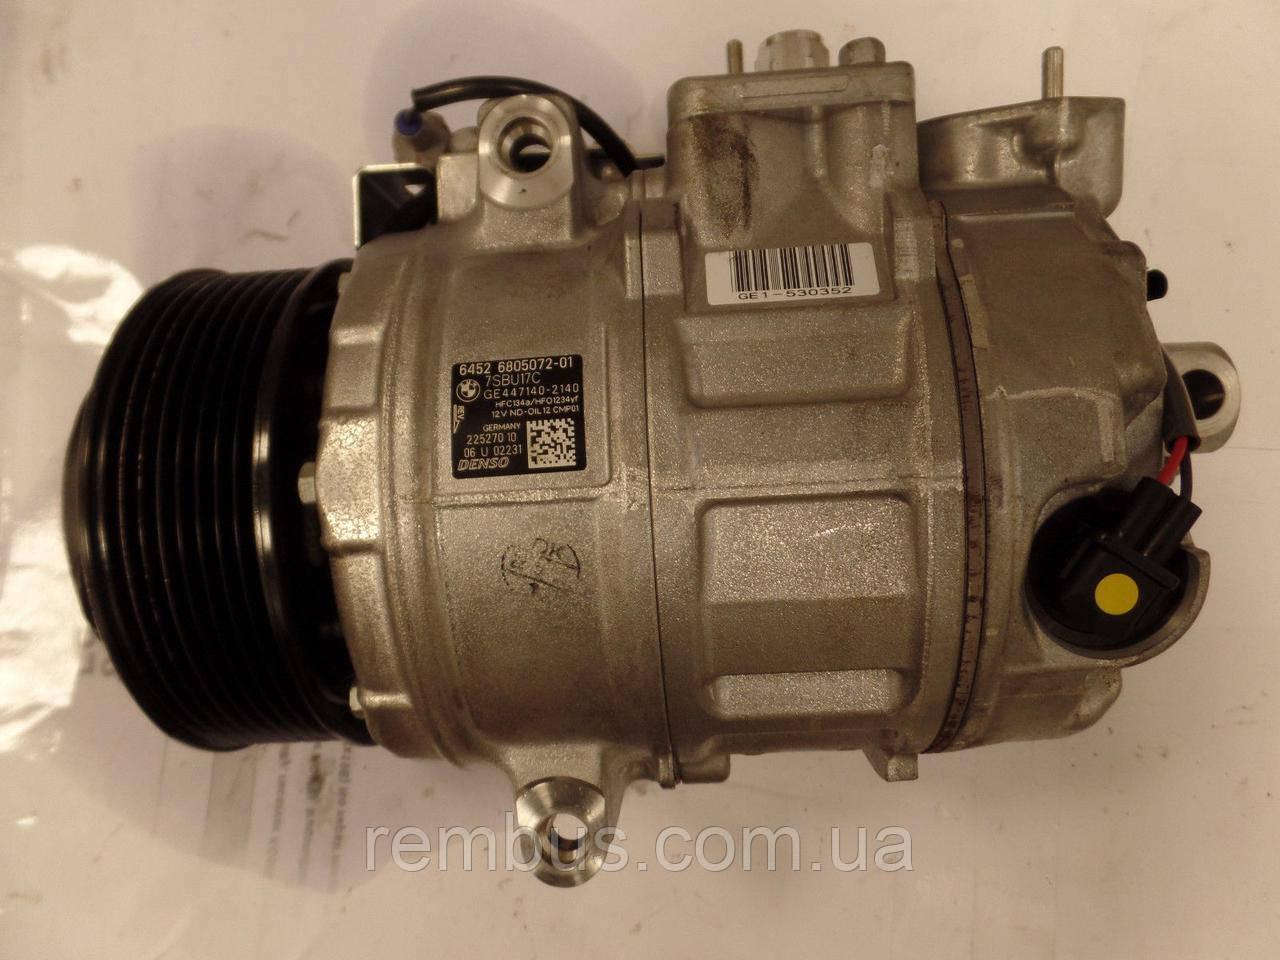 Компрессор кондиционера HFC134 ND-OIL8 190 см/кв. MB 3.0CDI OM642